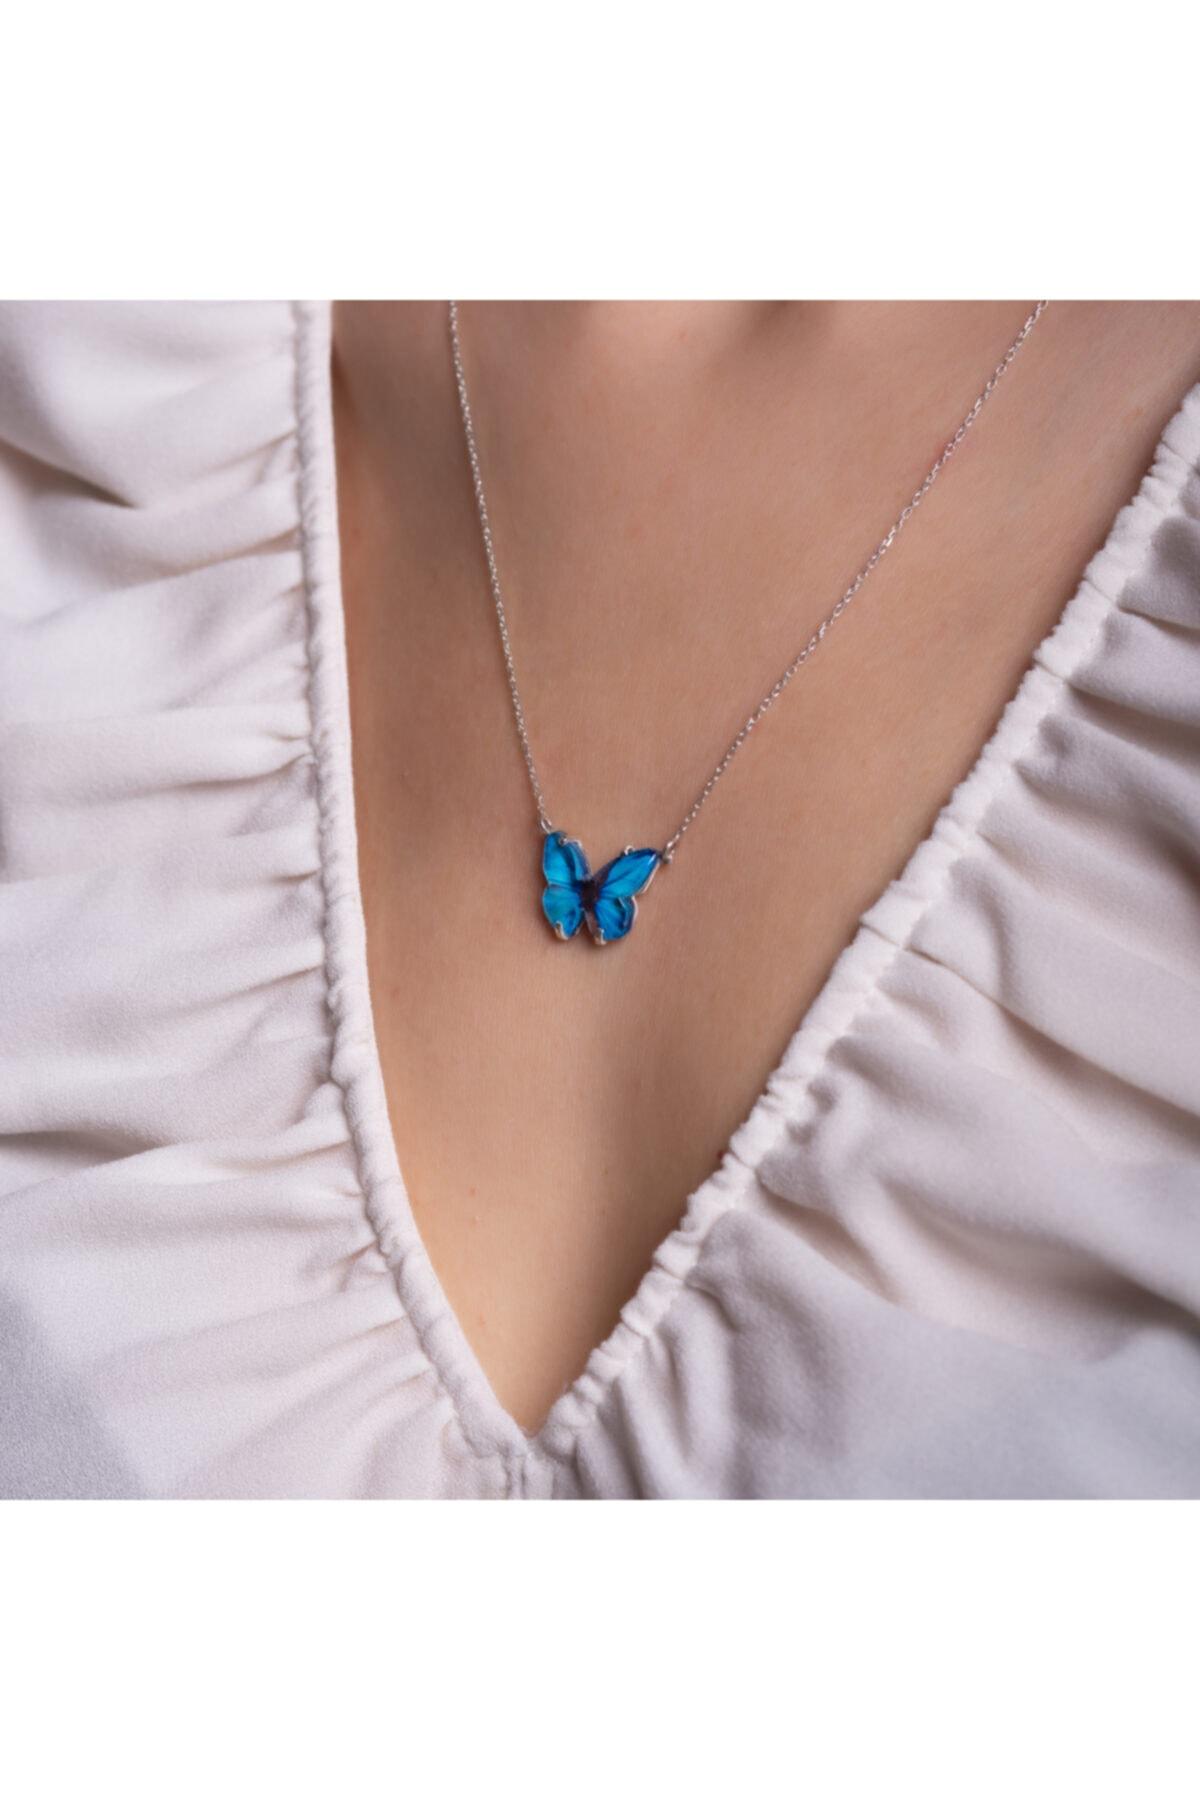 LAVERANZA 925 Ayar Gümüş Mavi Renk Kelebek Kolye 2